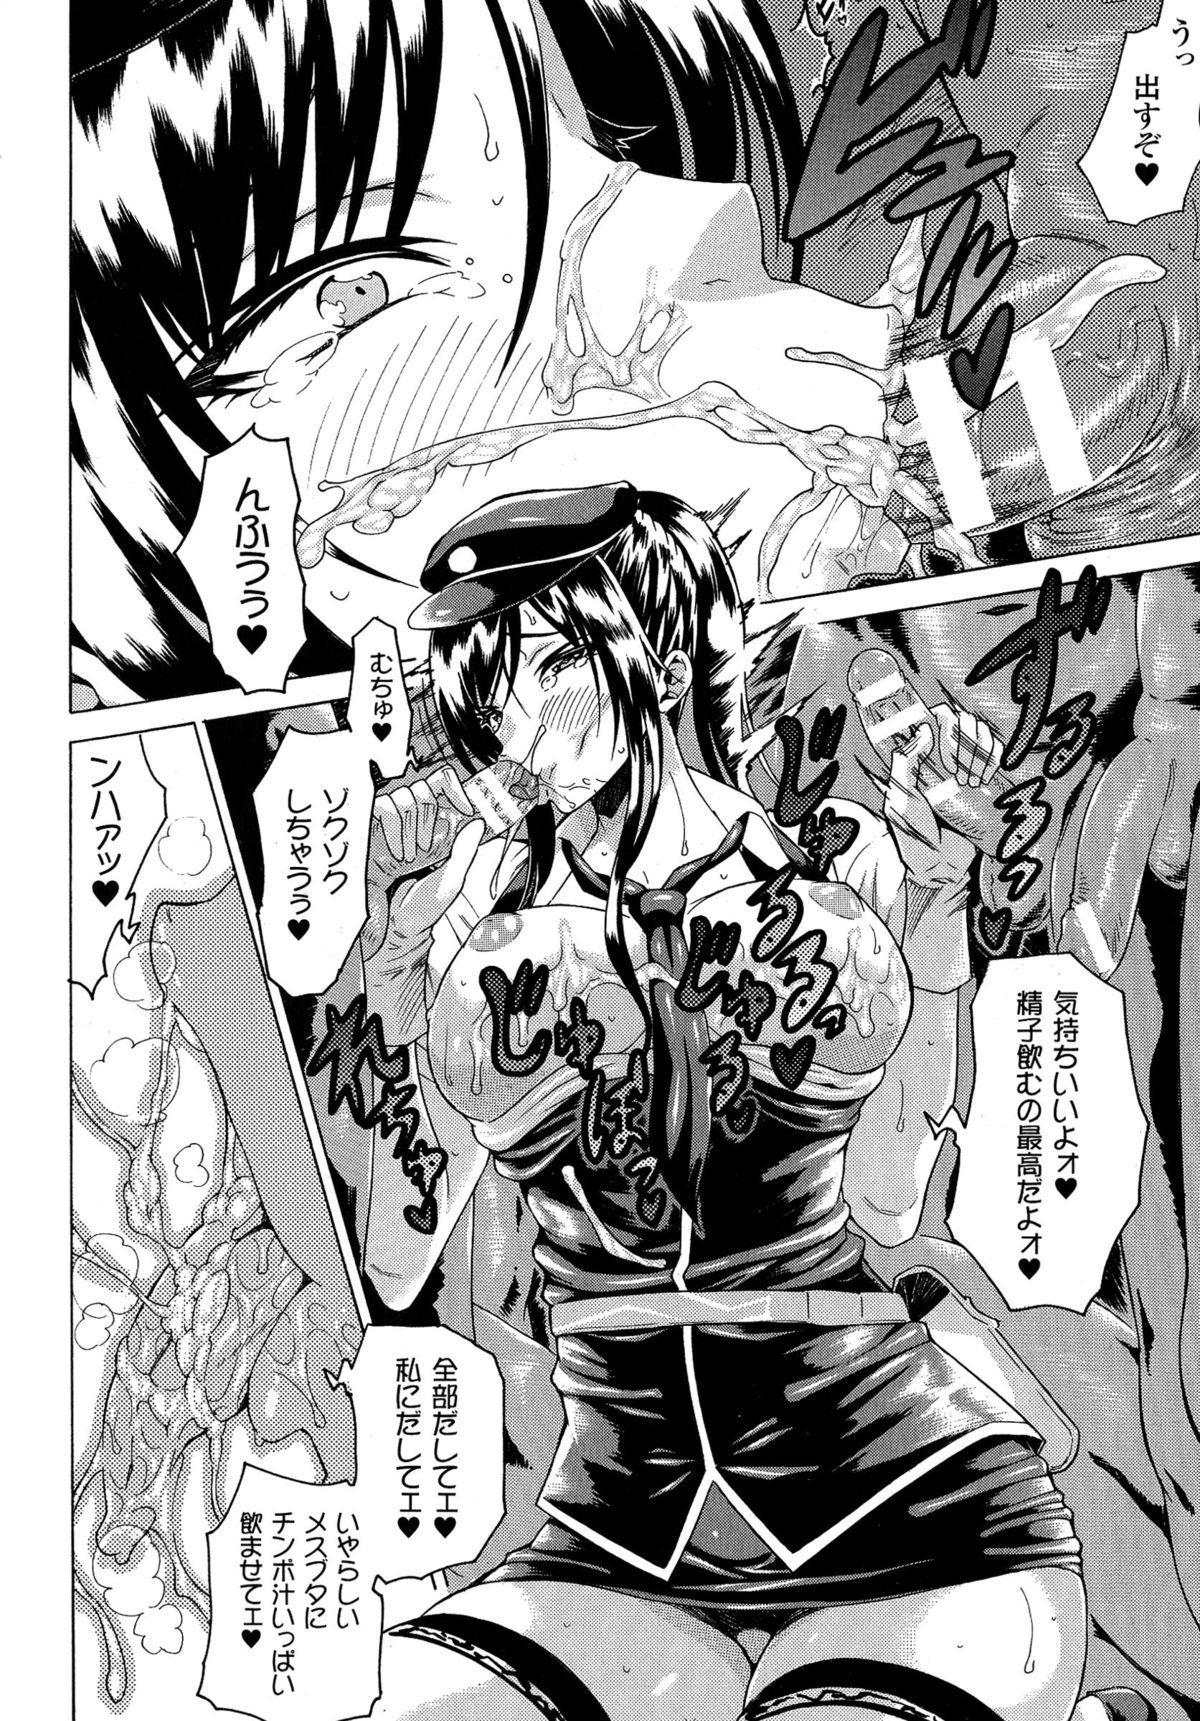 Kachiki na Onna ga Buzama na Ahegao o Sarasu made 41